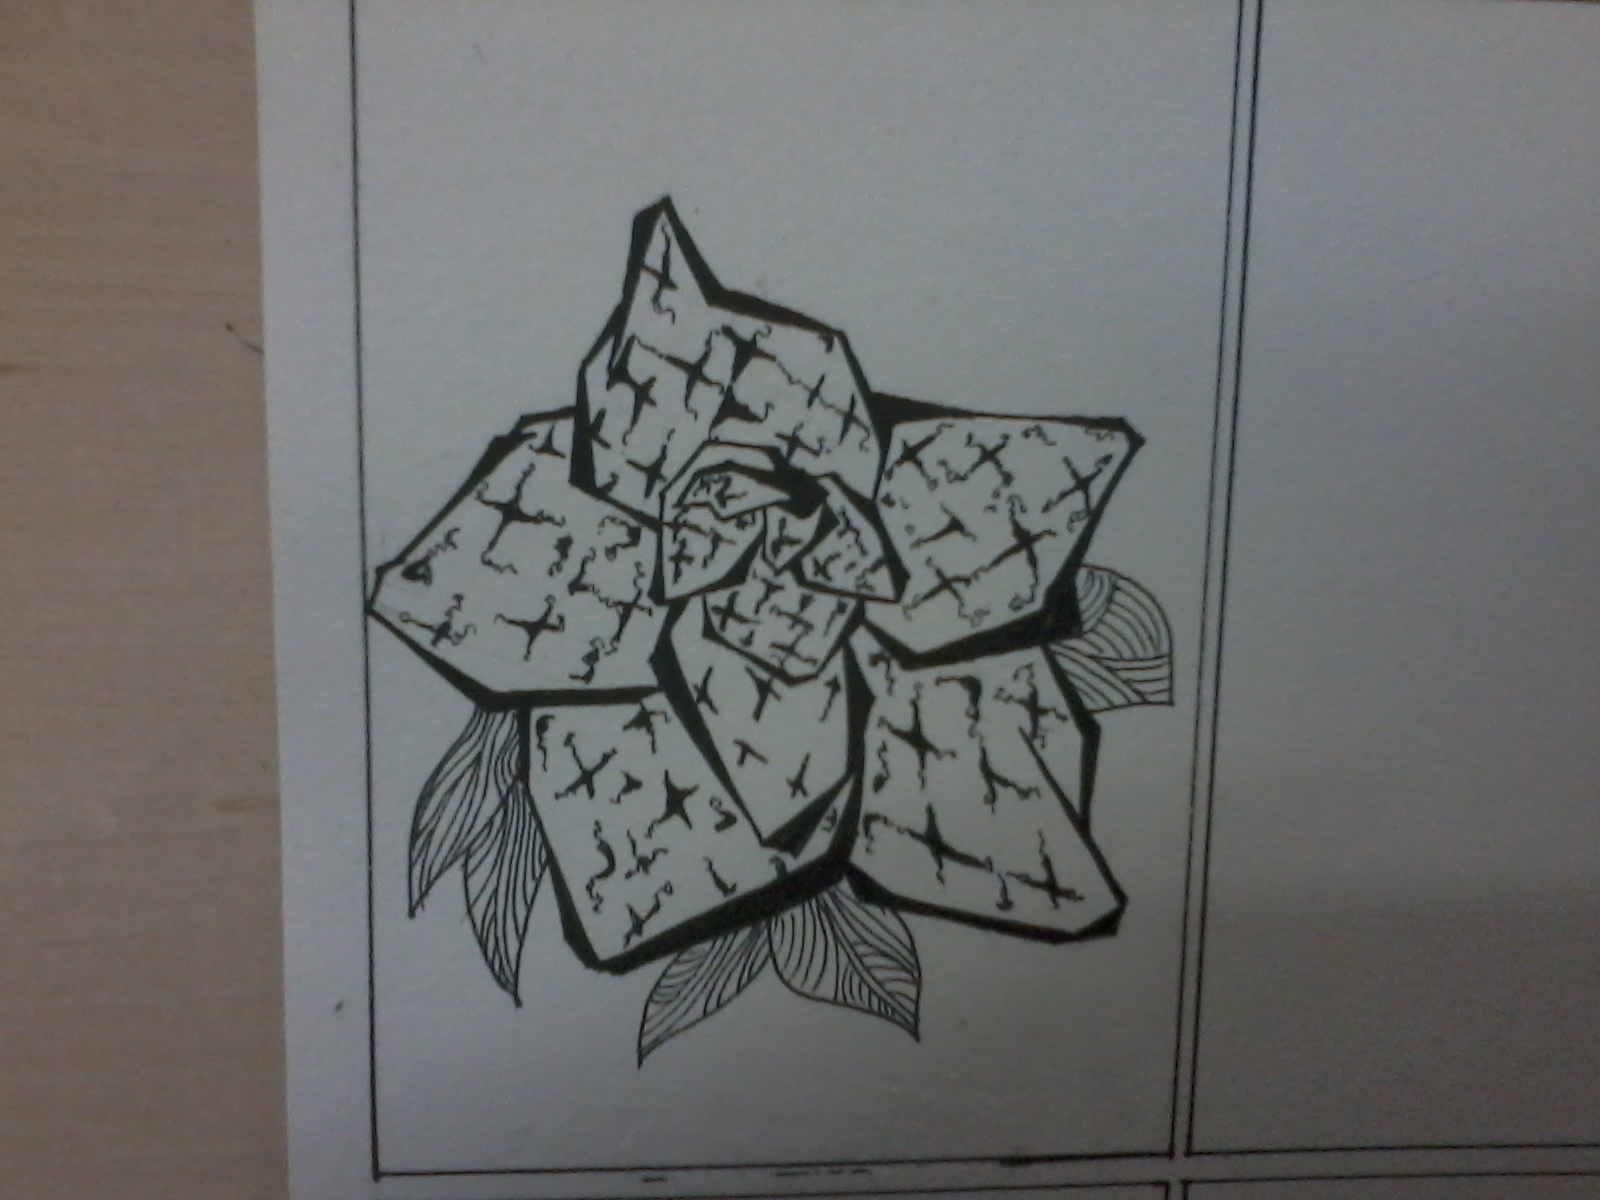 业作业.图形创意图片